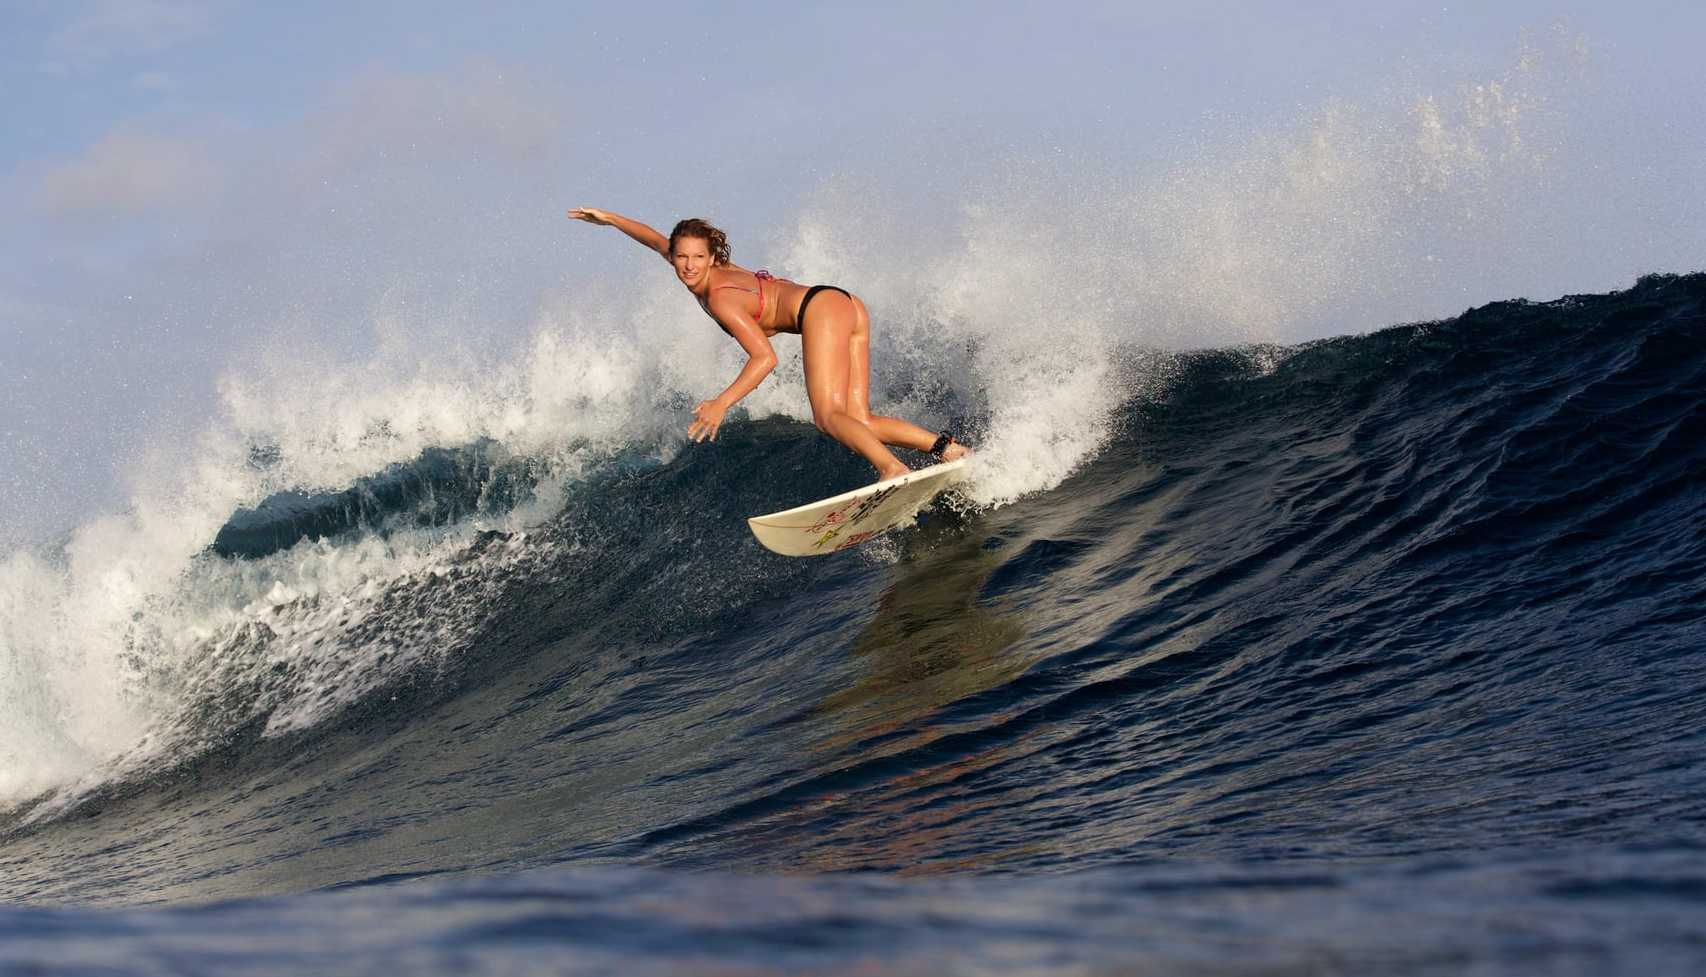 Janni Hönscheid - Surfer, Mermaid oder Model - Surf